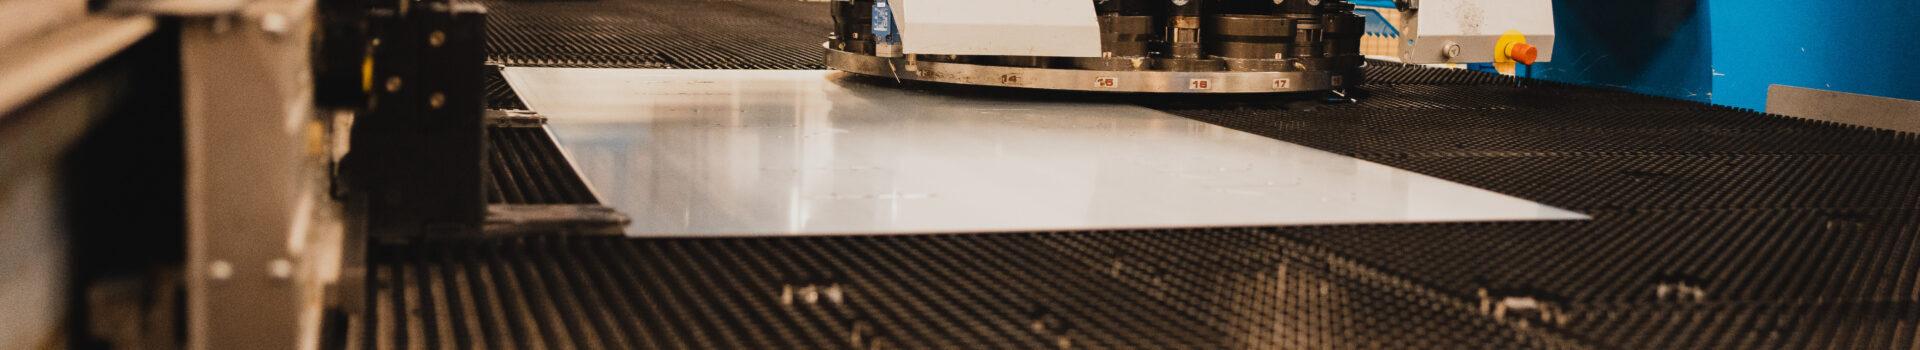 Stansning & laserskärning - Bors Press